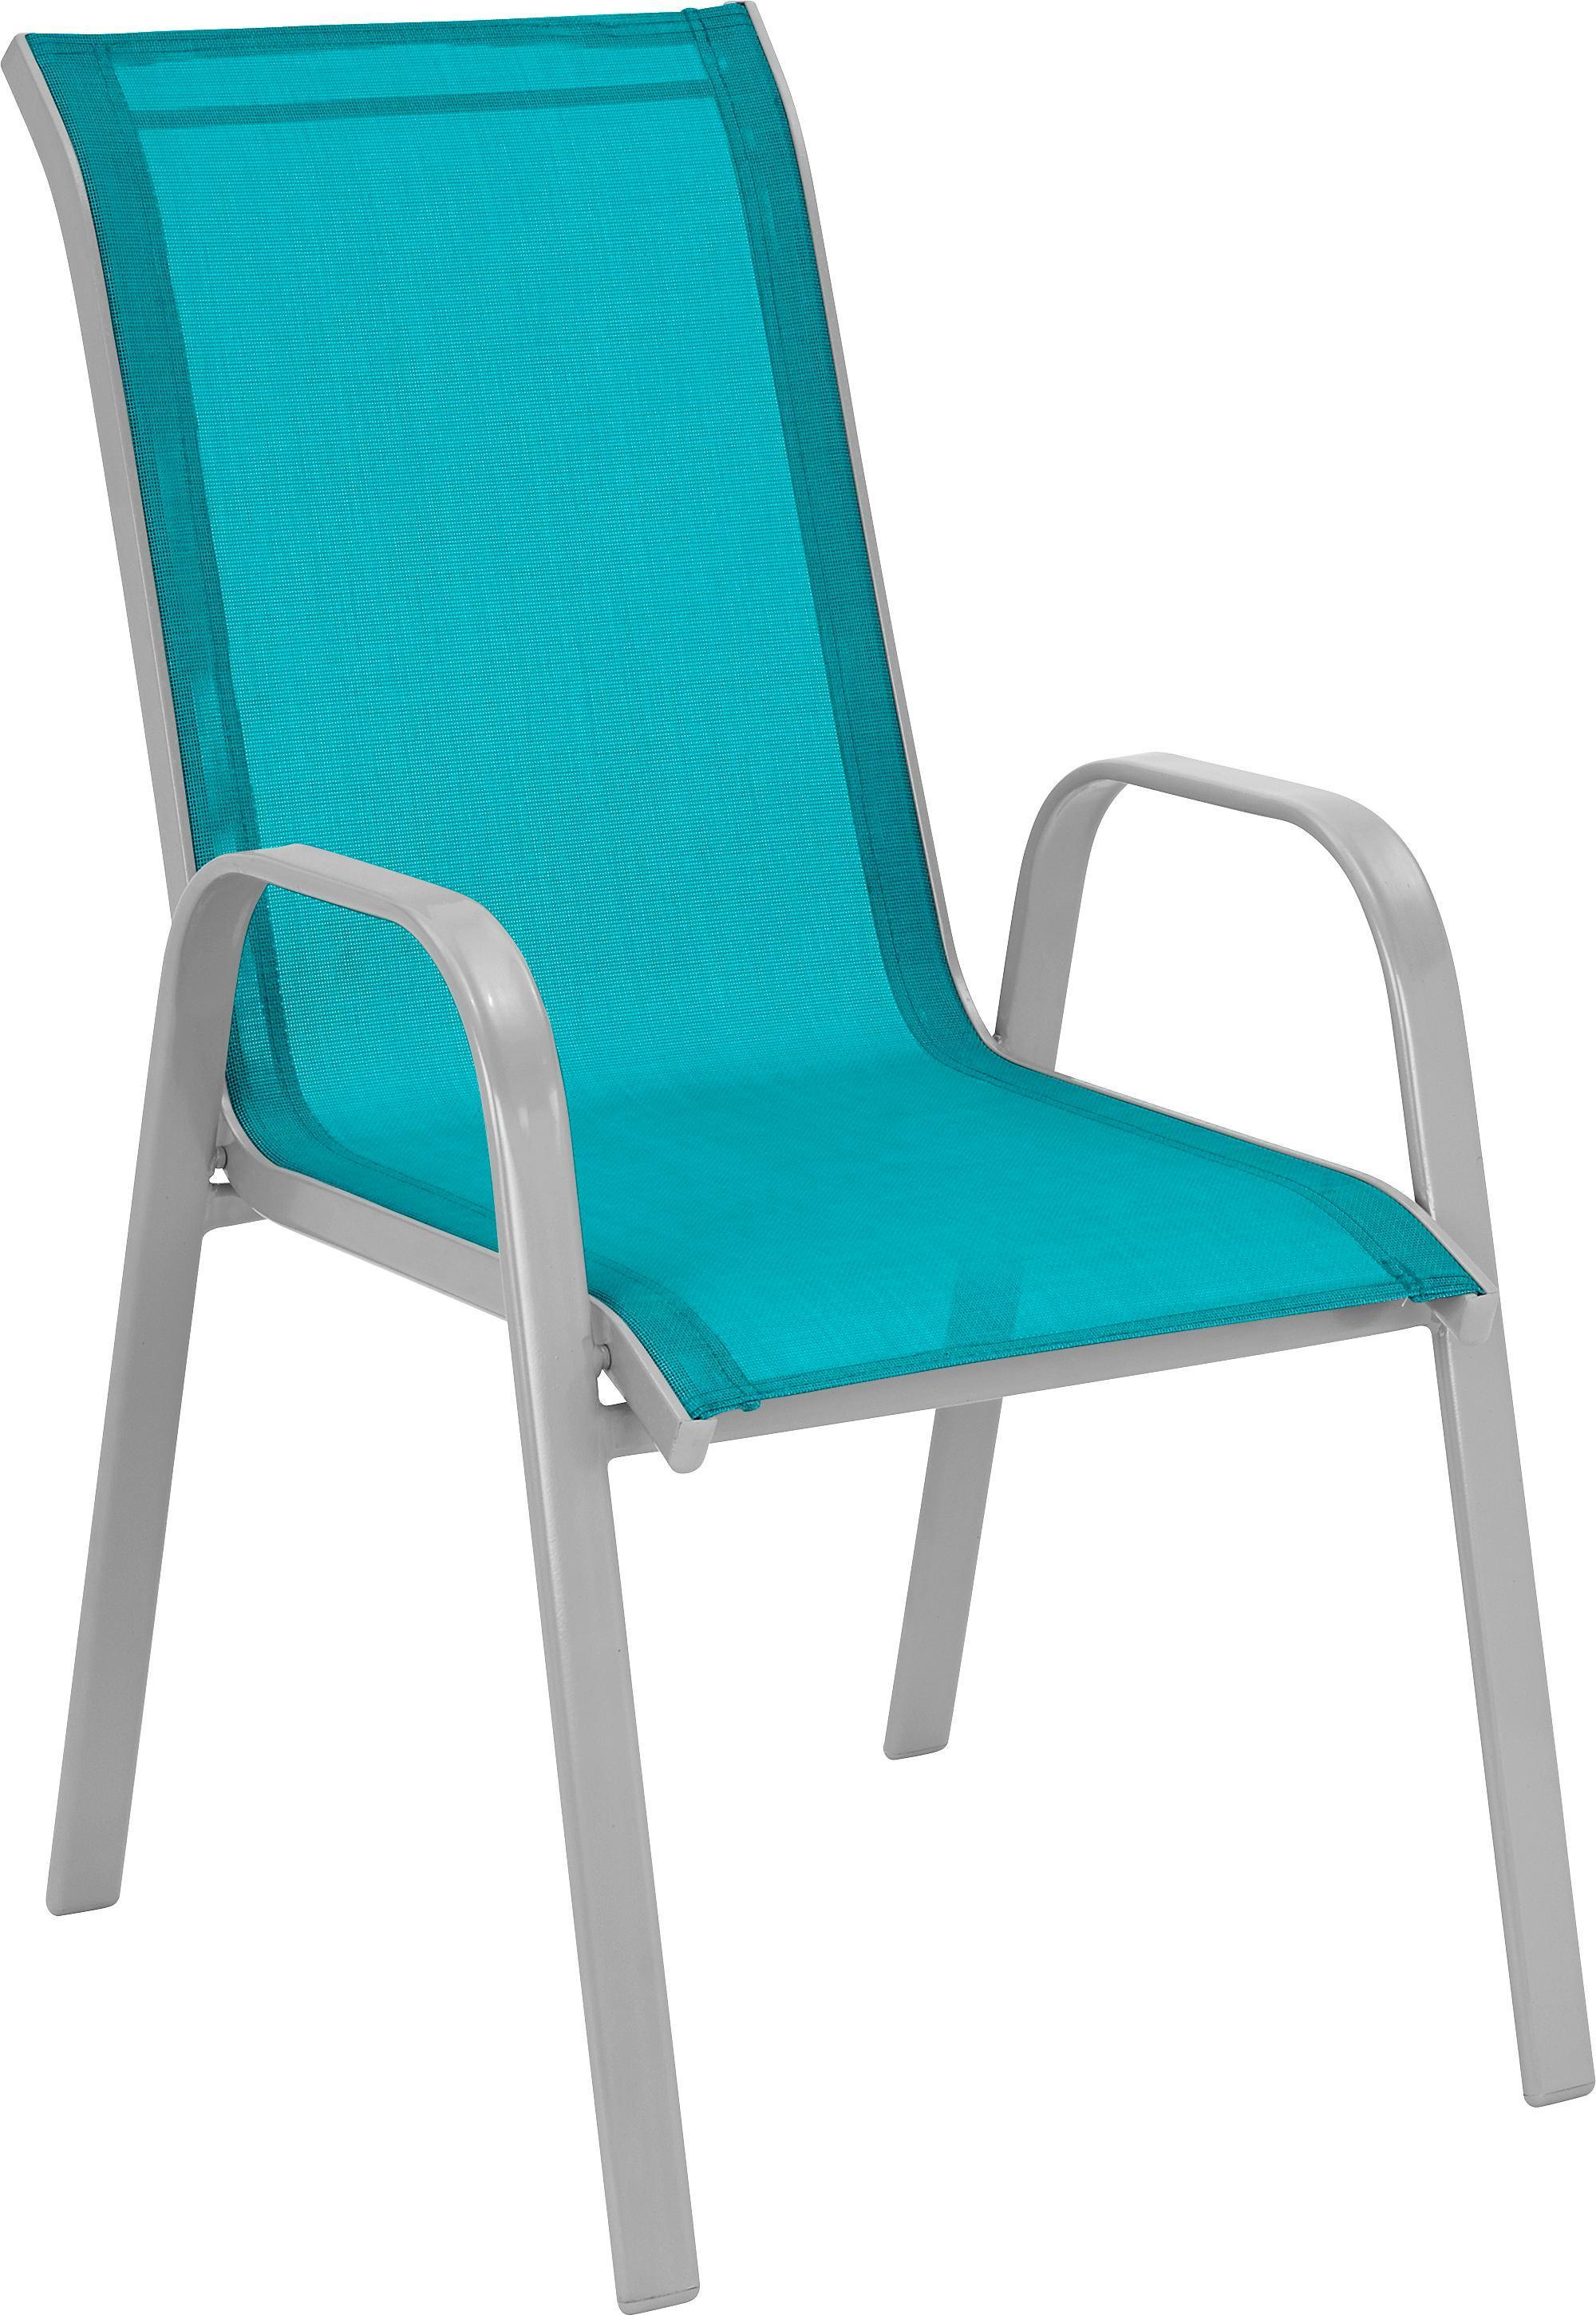 Stapelsessel Stitch in Blau - Blau/Alufarben, Kunststoff/Textil (54/96/76cm) - MÖMAX modern living